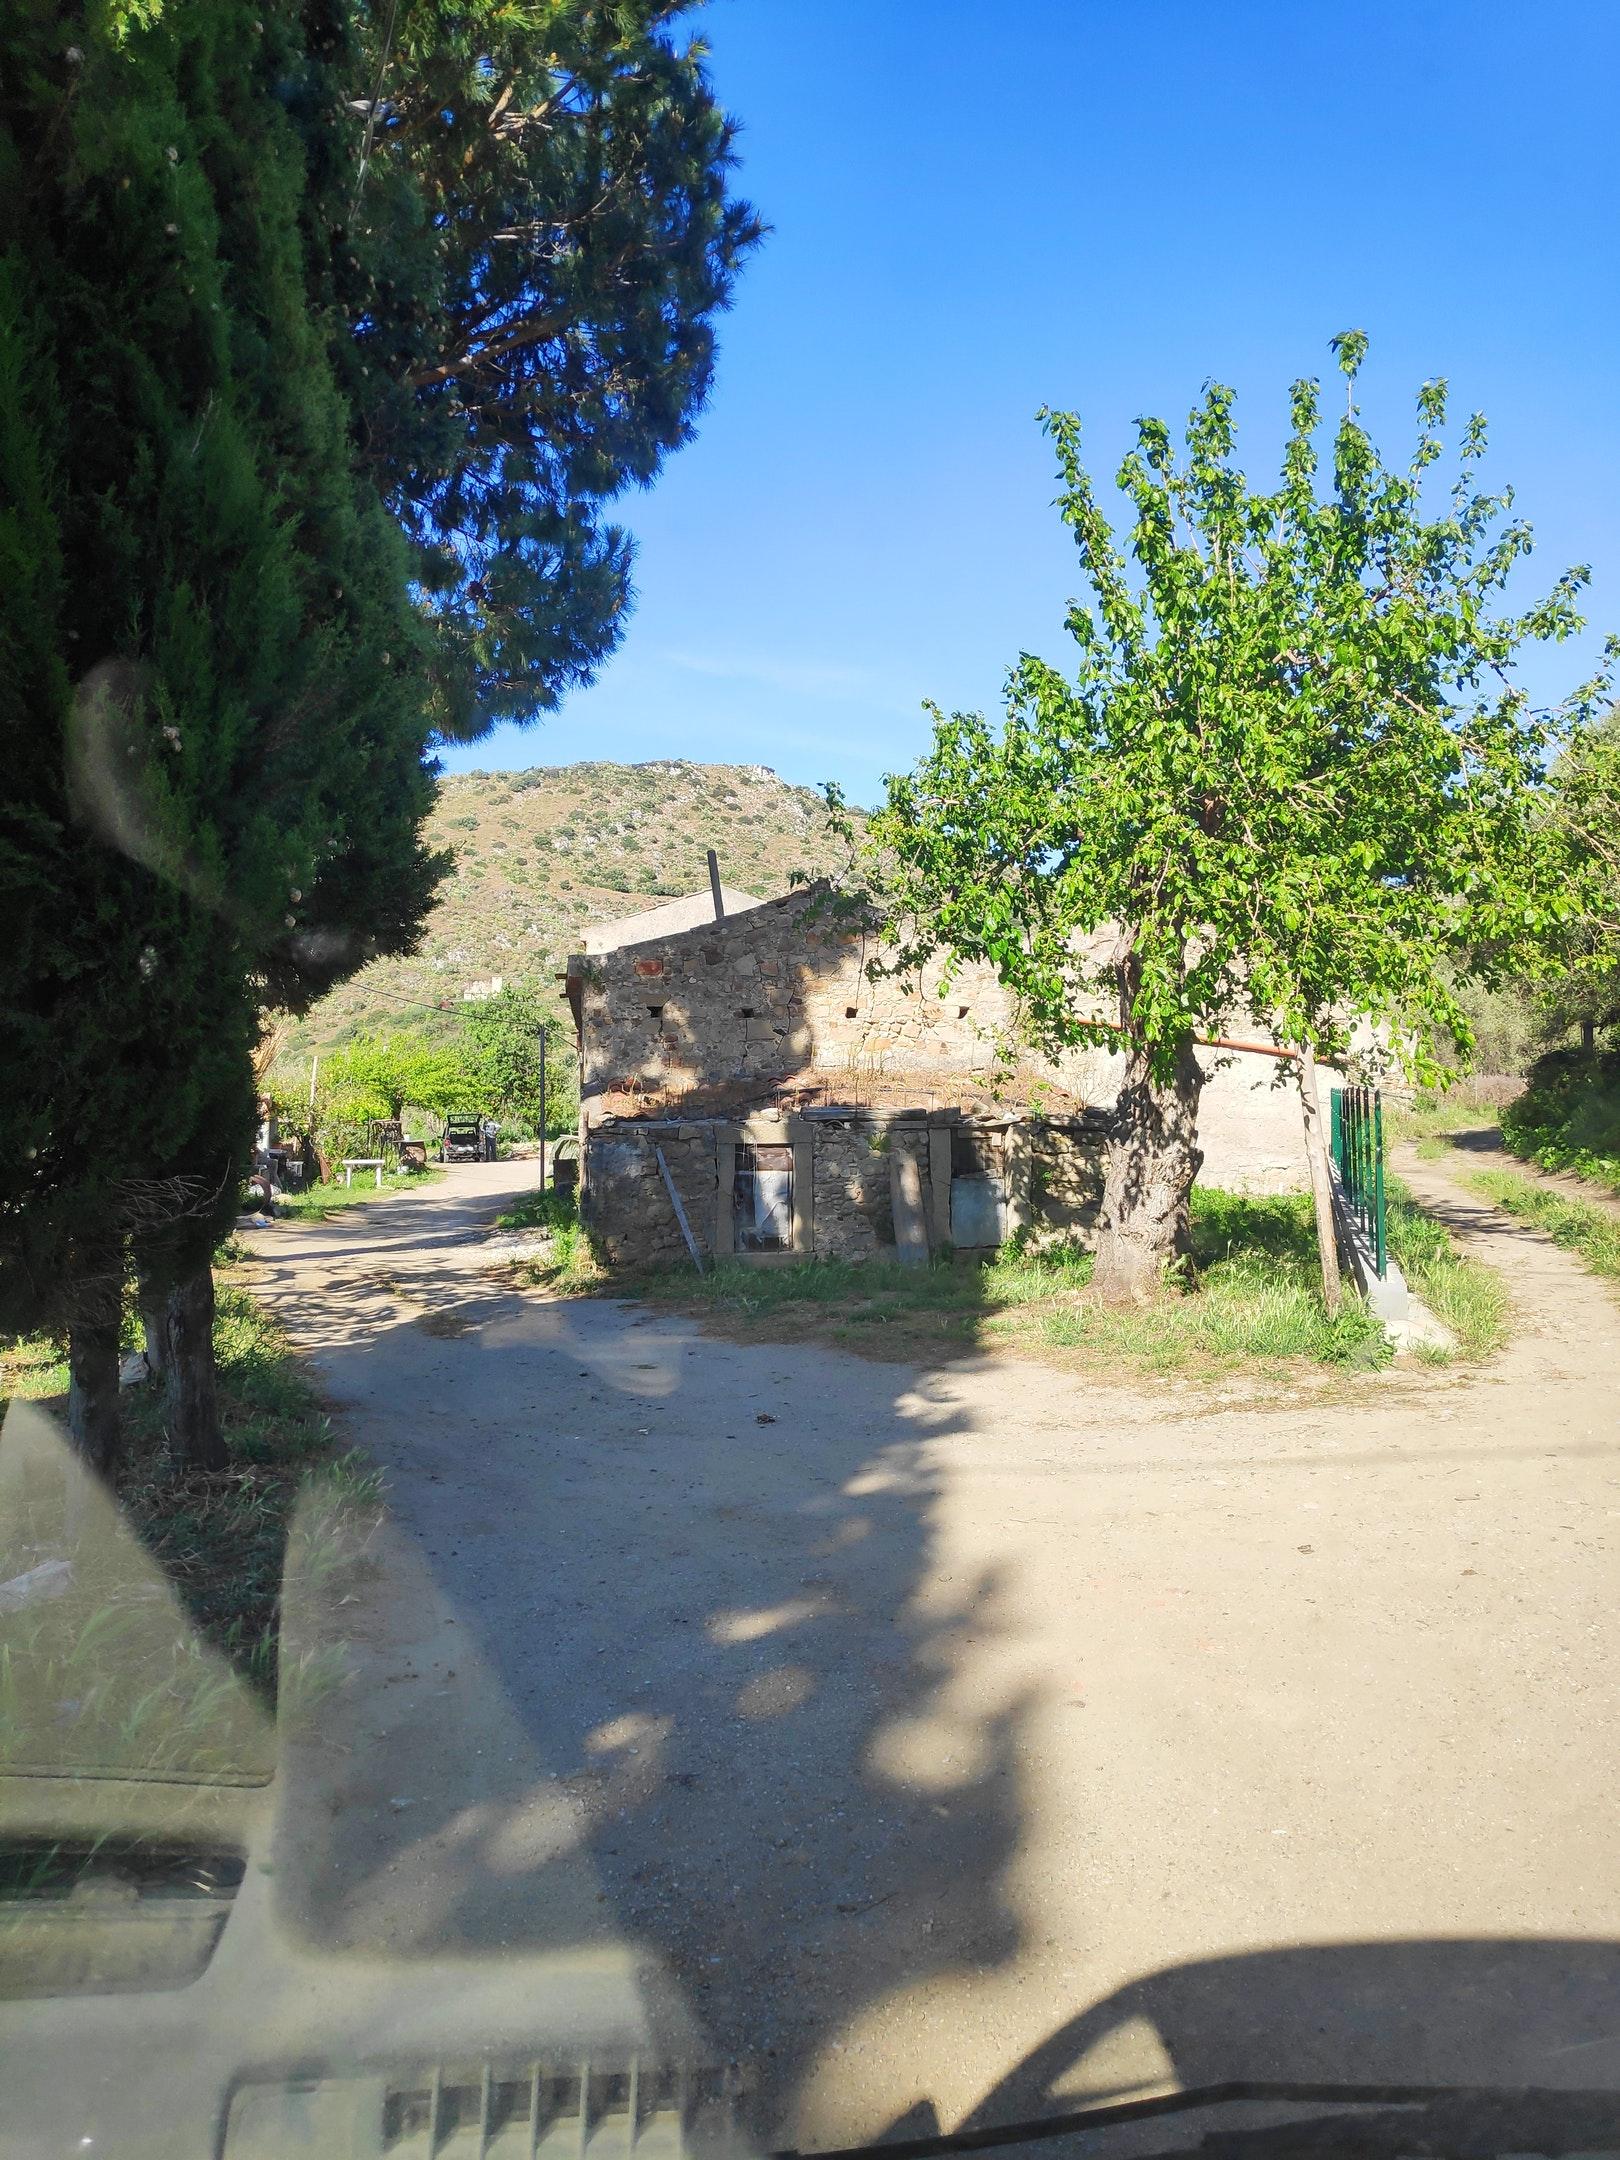 Ferienwohnung Studio in Mongiove mit eingezäuntem Garten - 800 m vom Strand entfernt (2599796), Patti, Messina, Sizilien, Italien, Bild 29